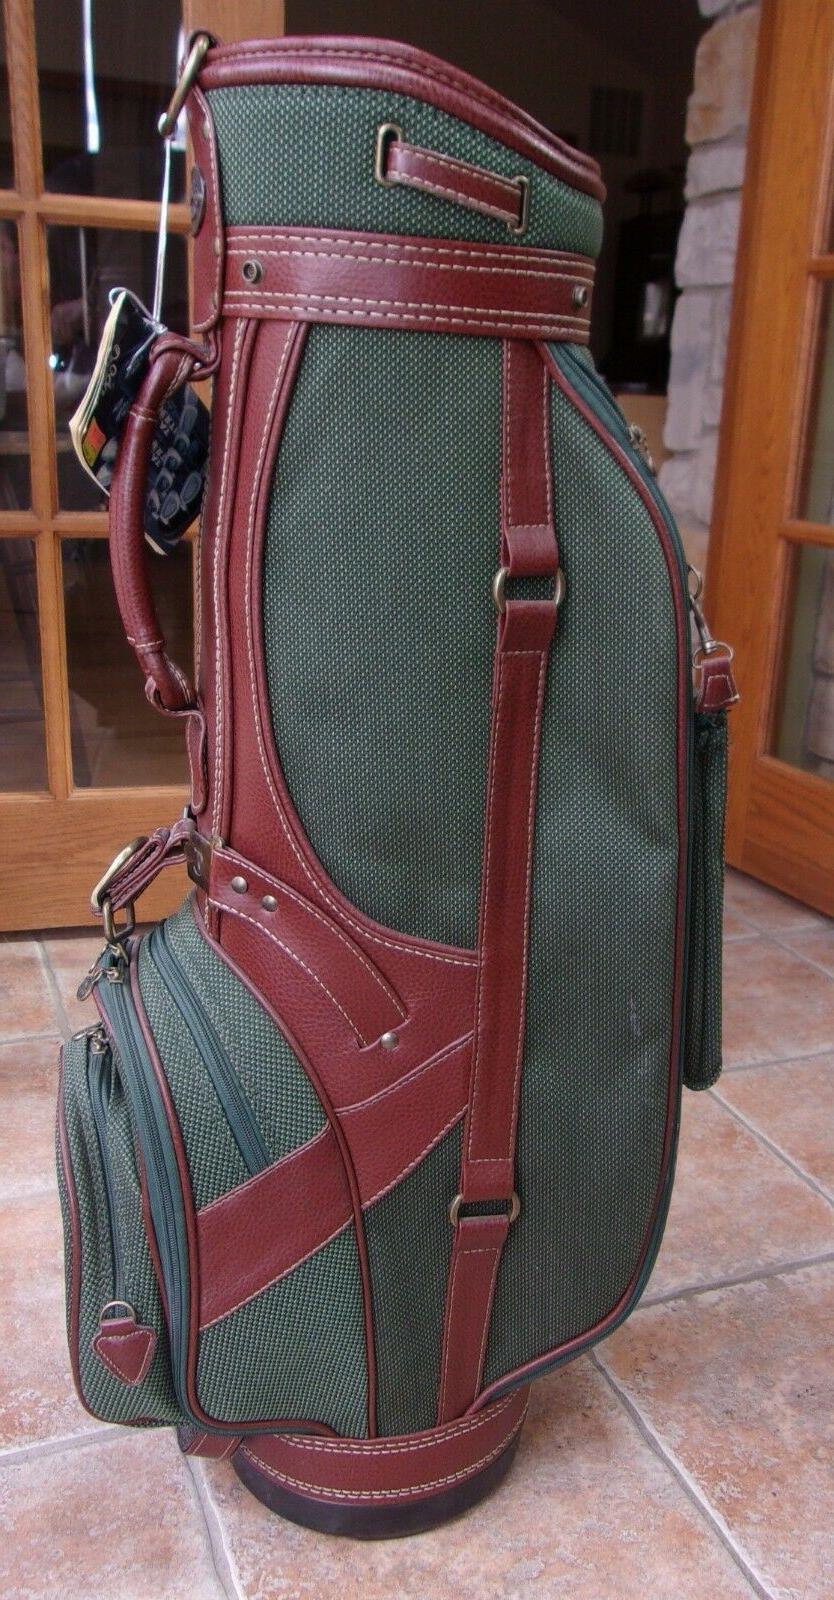 VINTAGE CART GOLF BAG NEW WITH TAGS MISSING SHOULDER STRAP